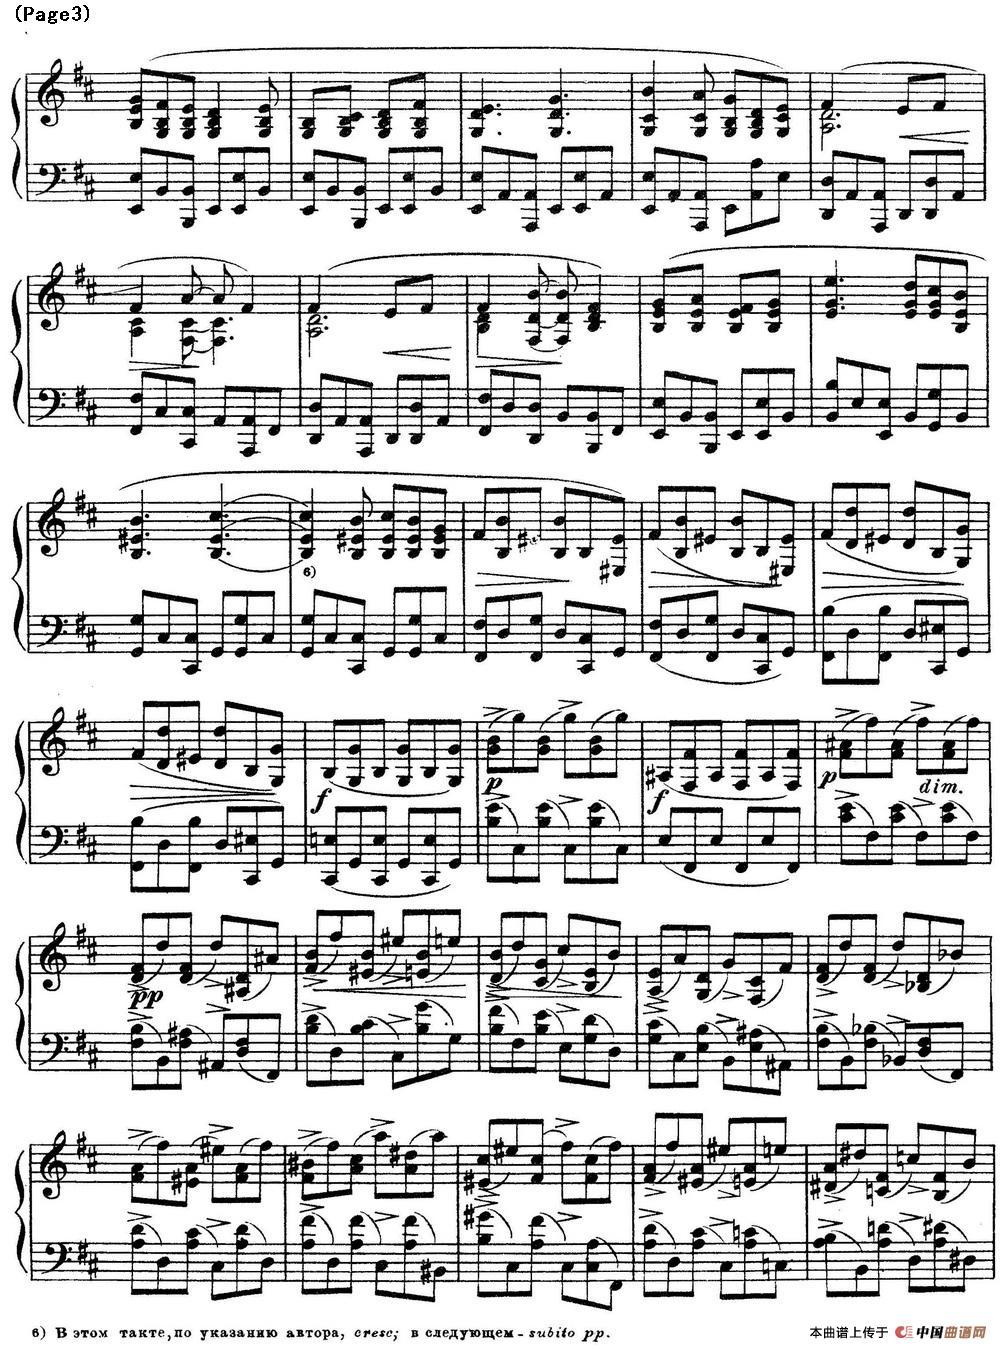 斯克里亚宾12首钢琴练习曲图片